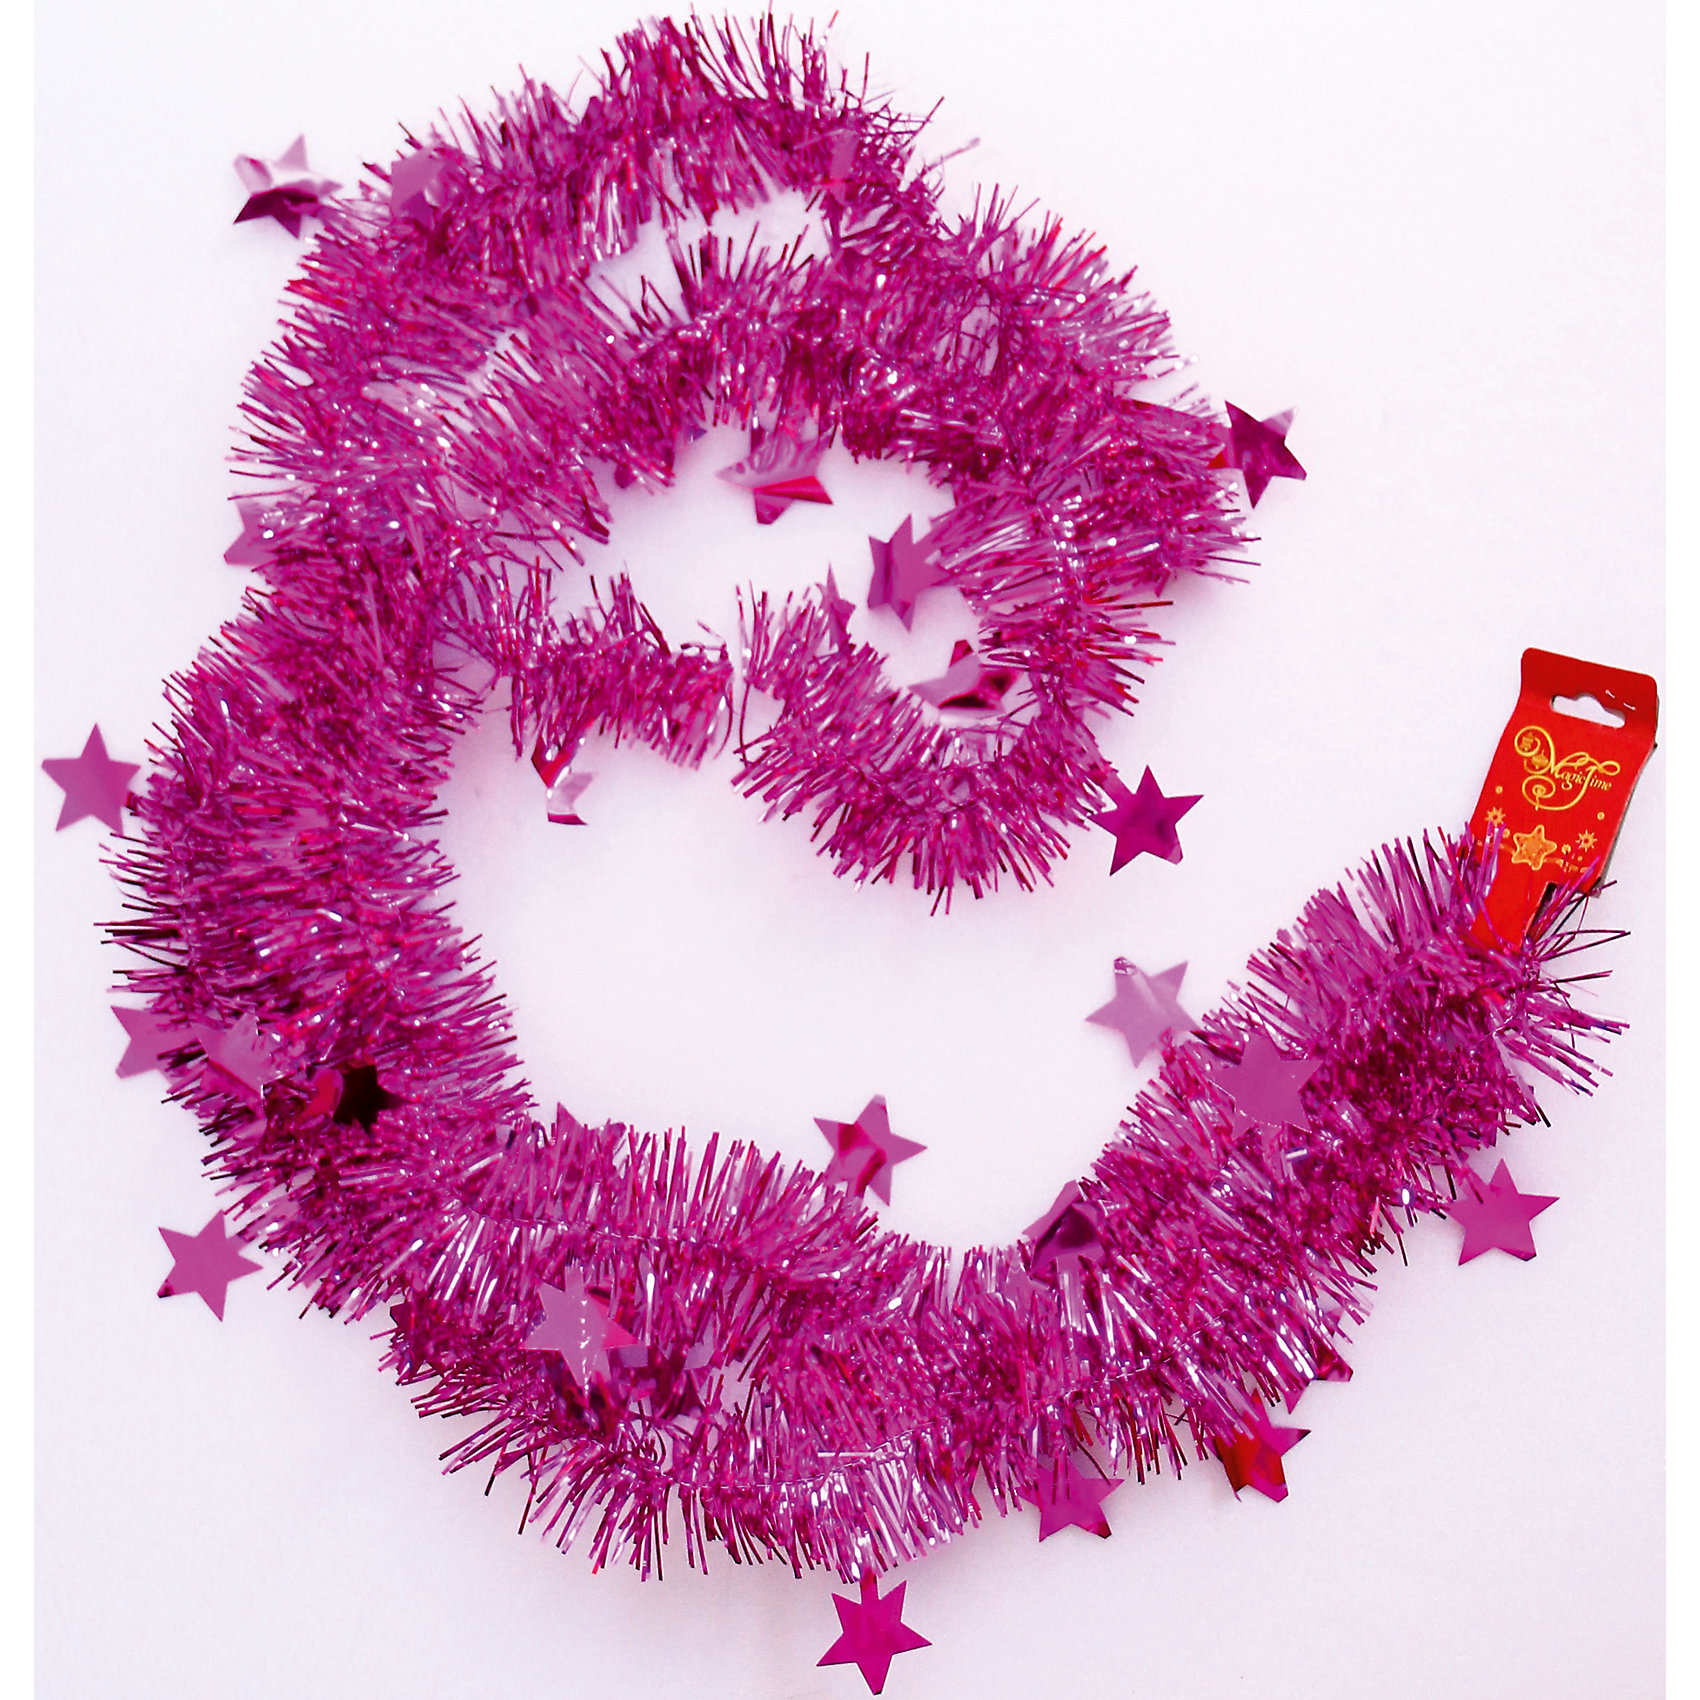 Мишура Розовый 6*200 смМишура в розовом цвете отлично подойдет для украшения к новому году. Блеск мишуры создает приятную новогоднюю атмосферу.  Она не будет сыпаться, поэтому останется яркой и блестящей и будет радовать вас ещё не один год. <br><br>Характеристика:<br>-Размер: 6 м 200 см<br>-Цвет: розовый<br>-Арт.: 34900<br><br>Мишуру Розовый можно приобрести в нашем интернет-магазине.<br><br>Ширина мм: 100<br>Глубина мм: 100<br>Высота мм: 60<br>Вес г: 14<br>Возраст от месяцев: 36<br>Возраст до месяцев: 2147483647<br>Пол: Унисекс<br>Возраст: Детский<br>SKU: 4981444